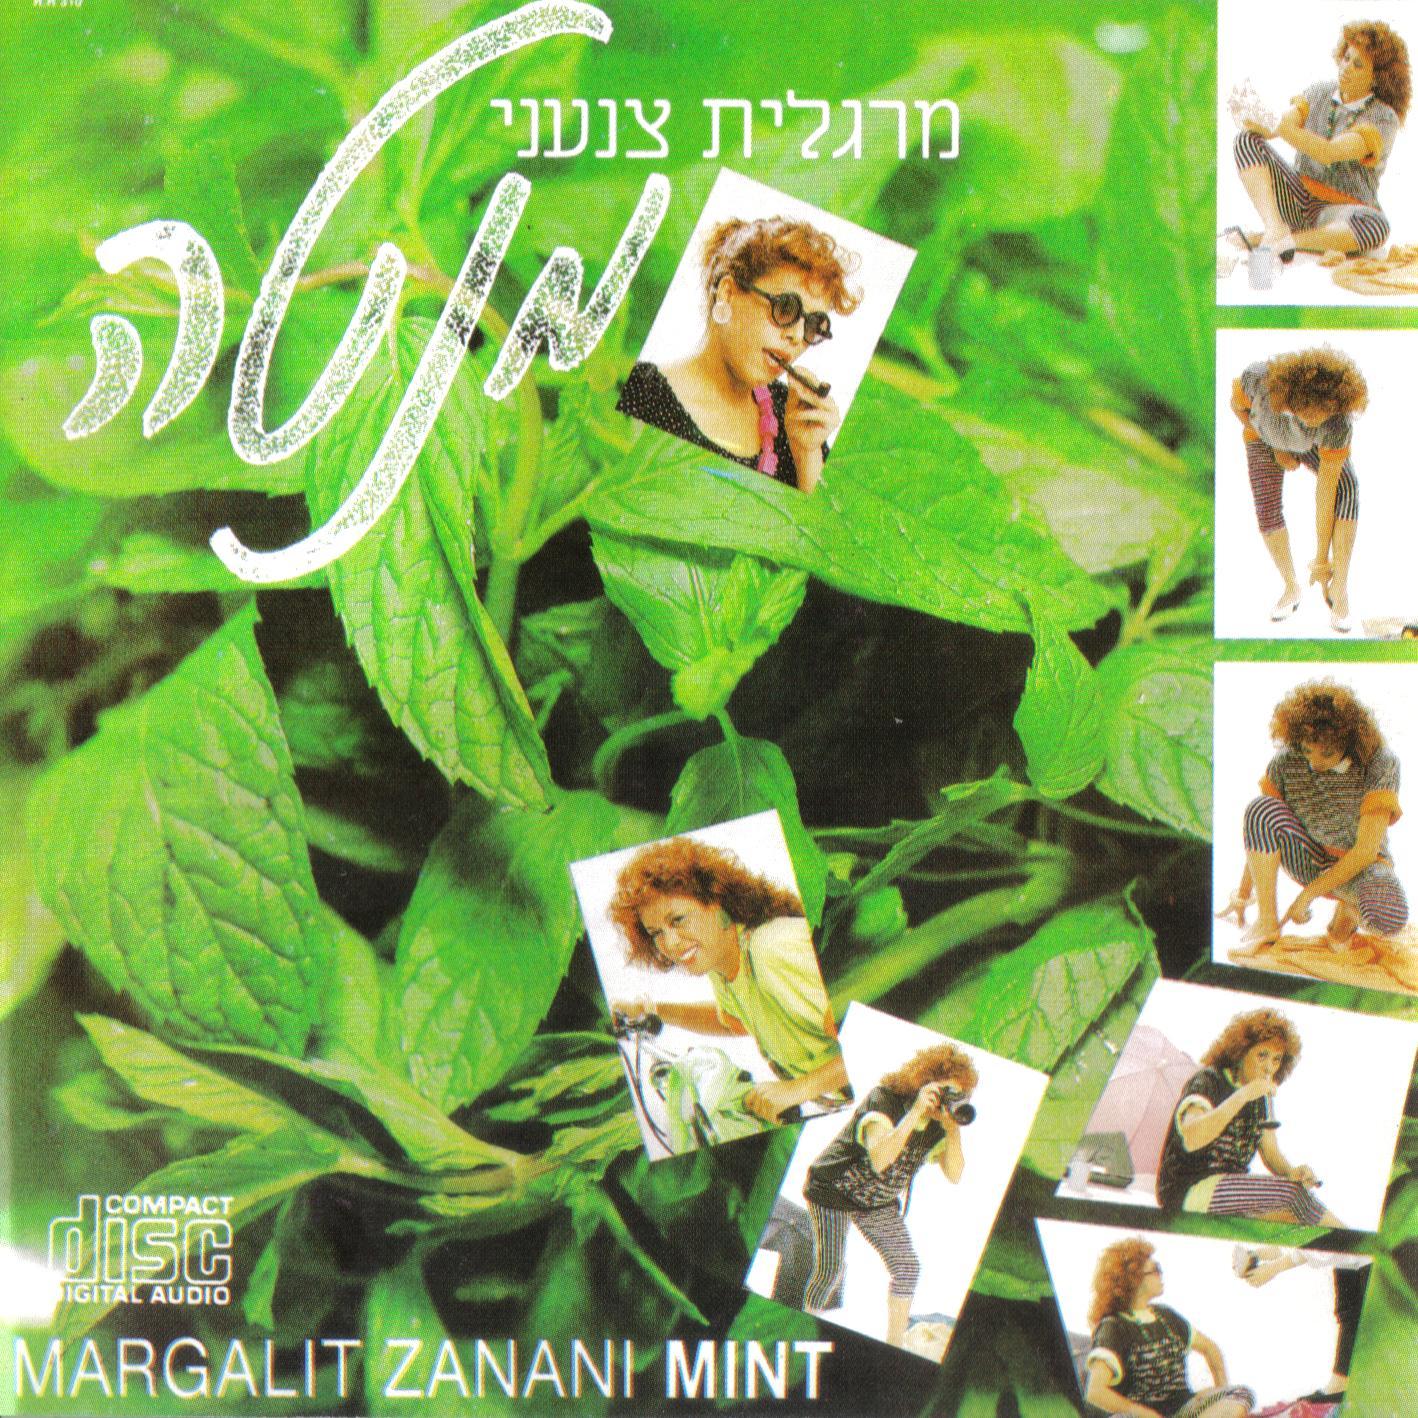 מרגלית צנעני - מנטה אלבום להורדה